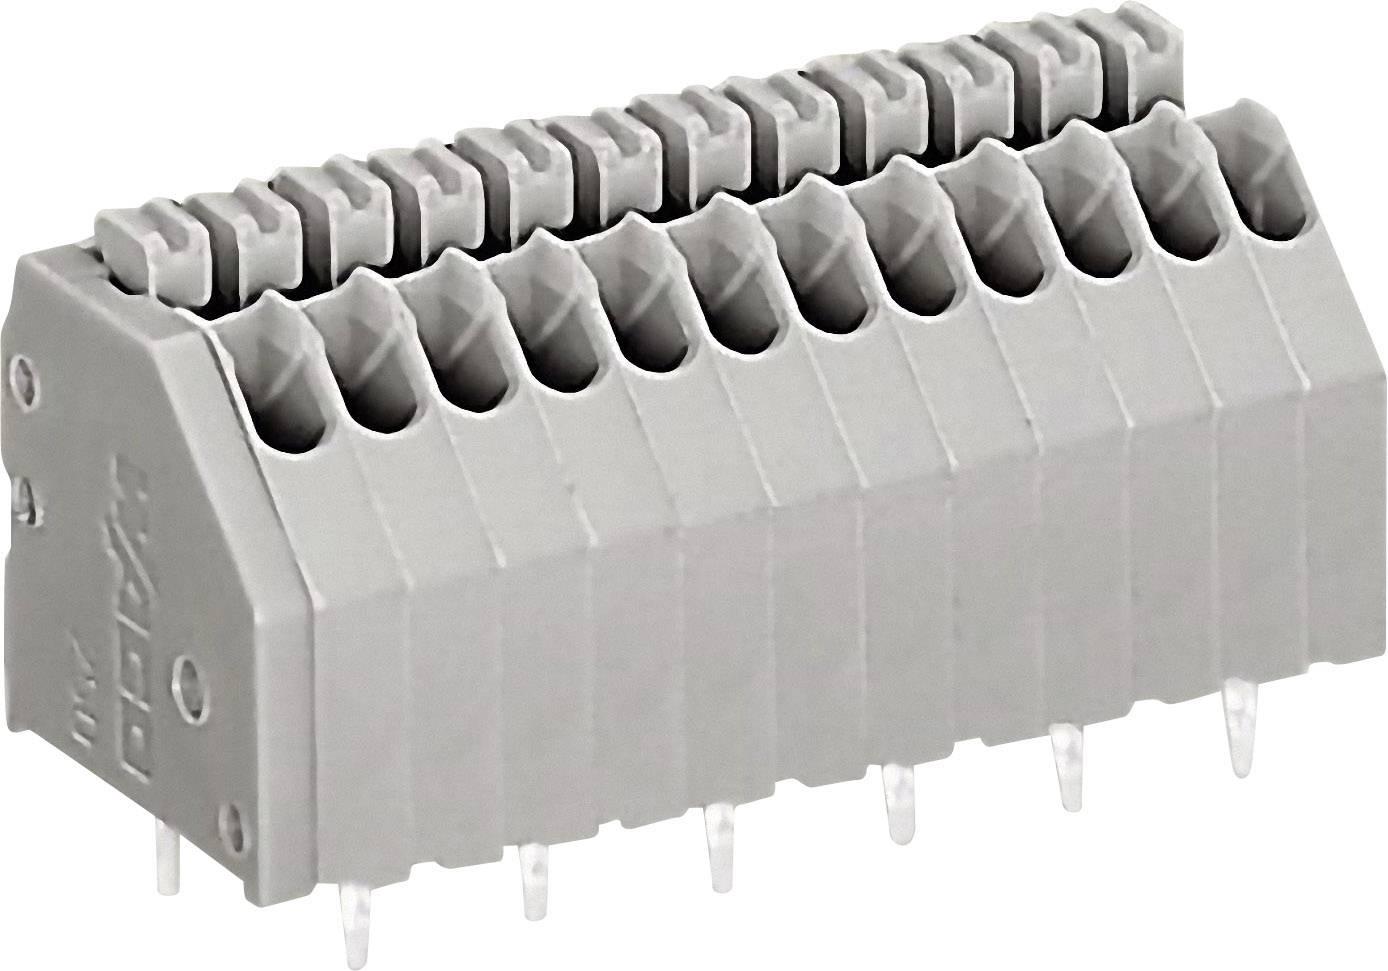 Pájecí svorkovnice série 250 WAGO 250-1404, AWG 24-20, 0,4 - 0,8 mm², 2,54 mm, 2 A, šedá